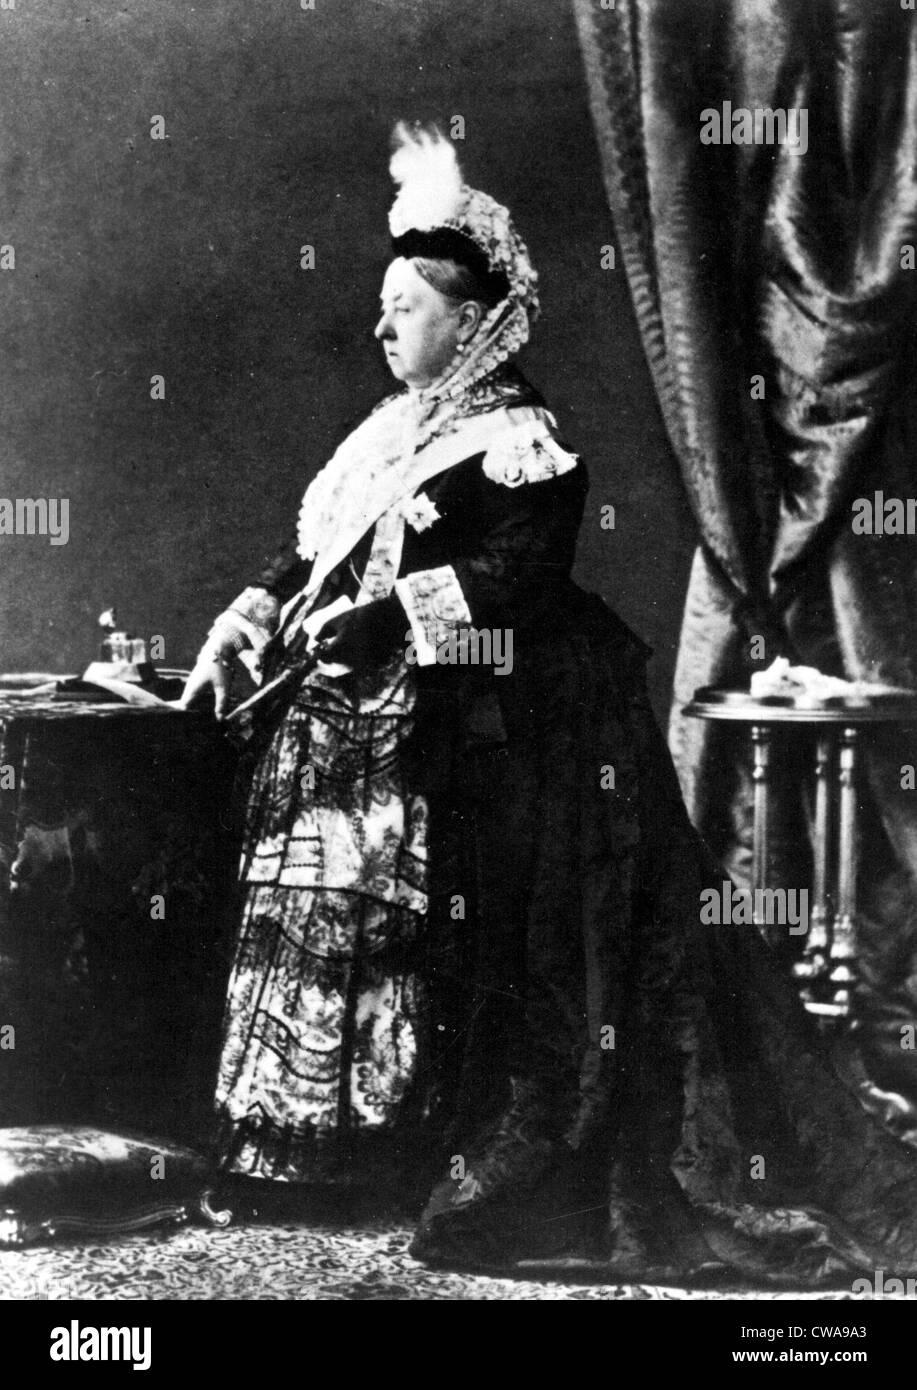 La reina Victoria, sin fecha. Cortesía: CSU Archives / Everett Collection Imagen De Stock